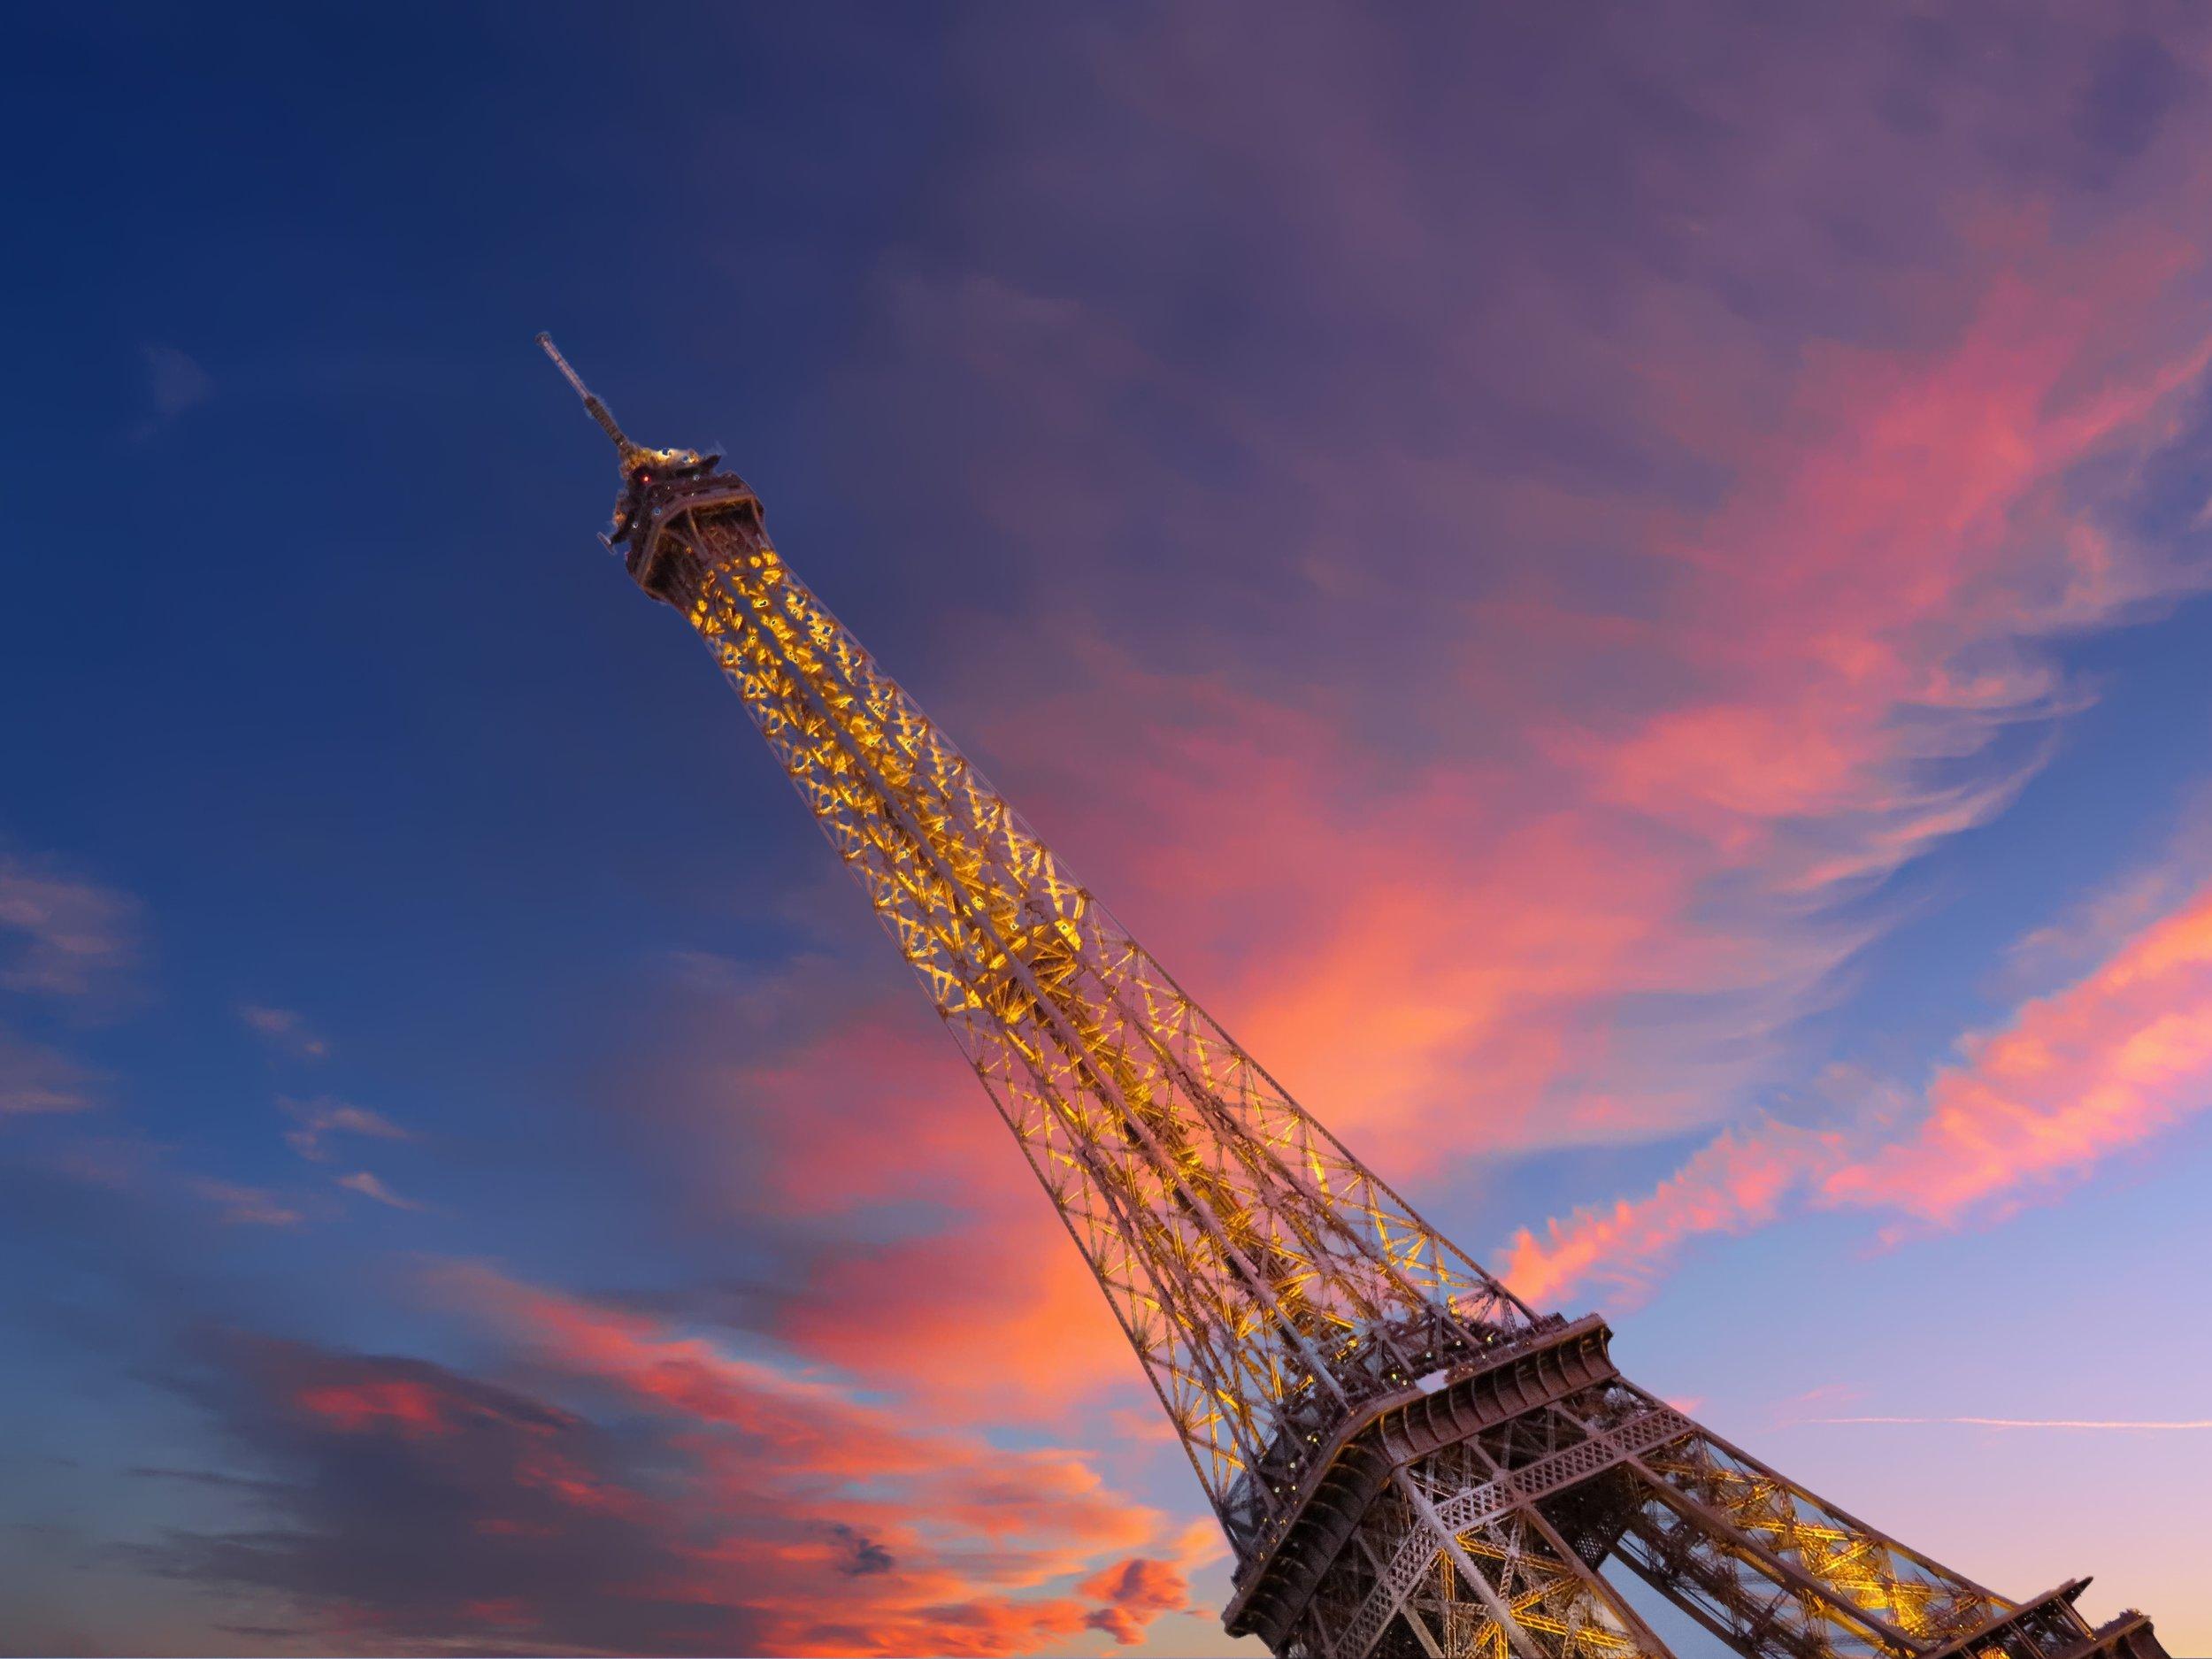 Sunset on Eiffel